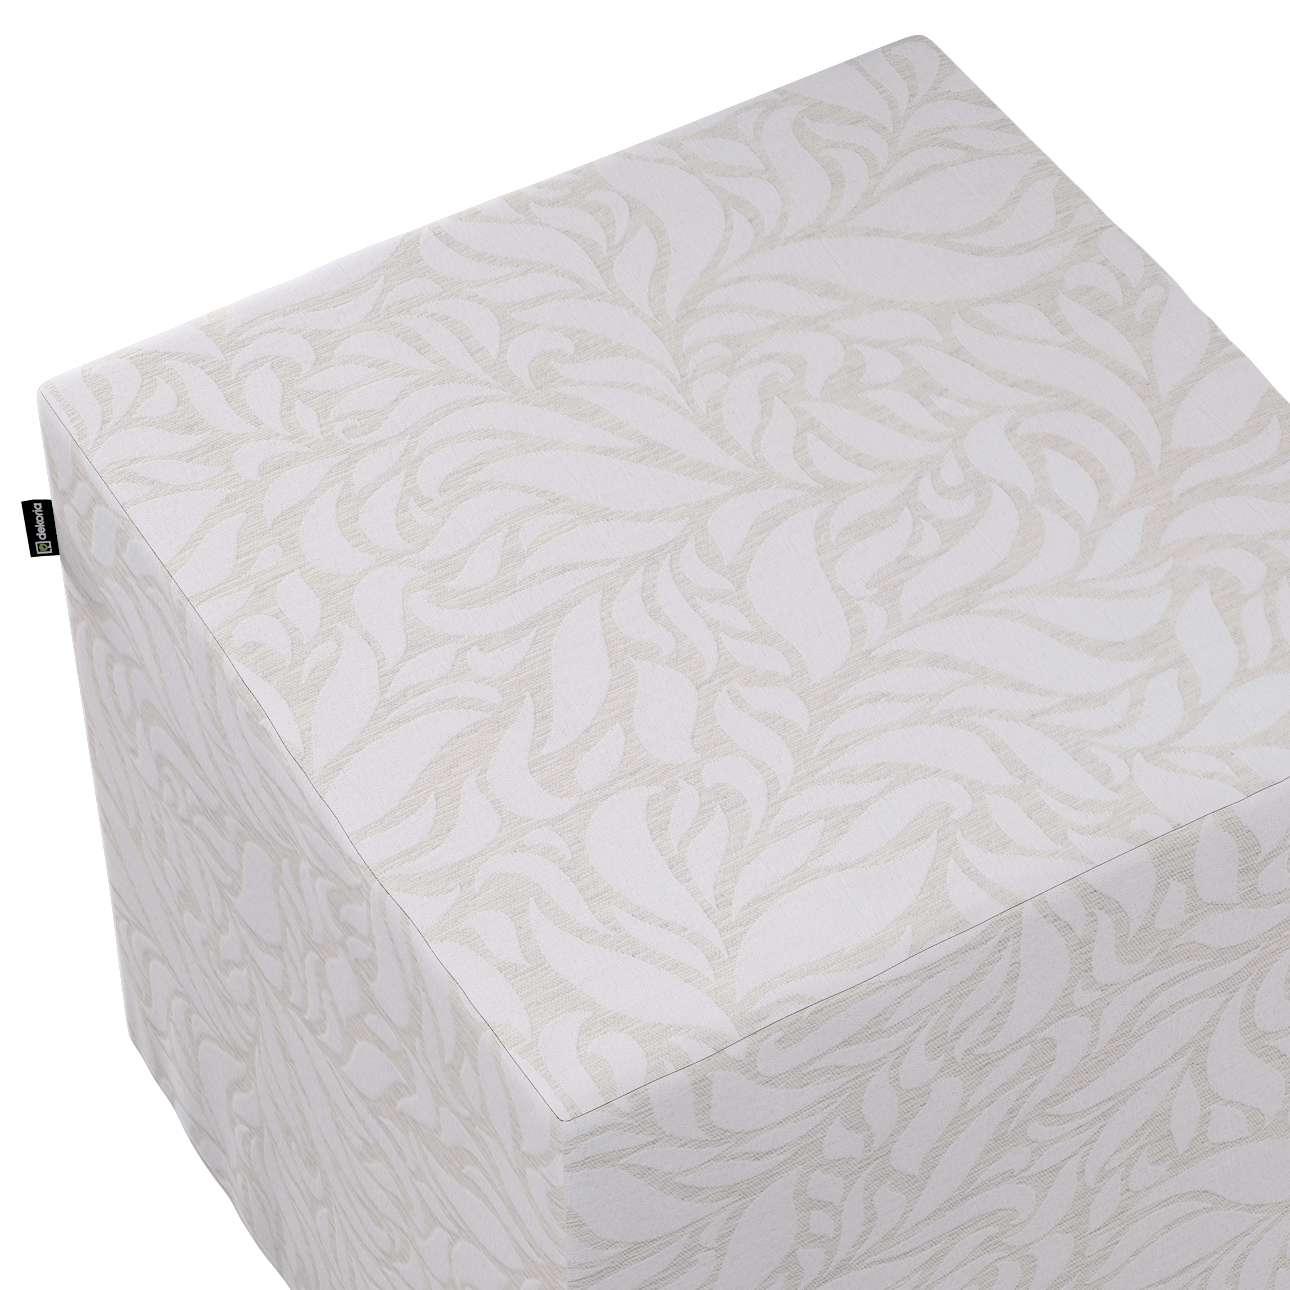 Pokrowiec na pufę kostkę w kolekcji Venice, tkanina: 140-50